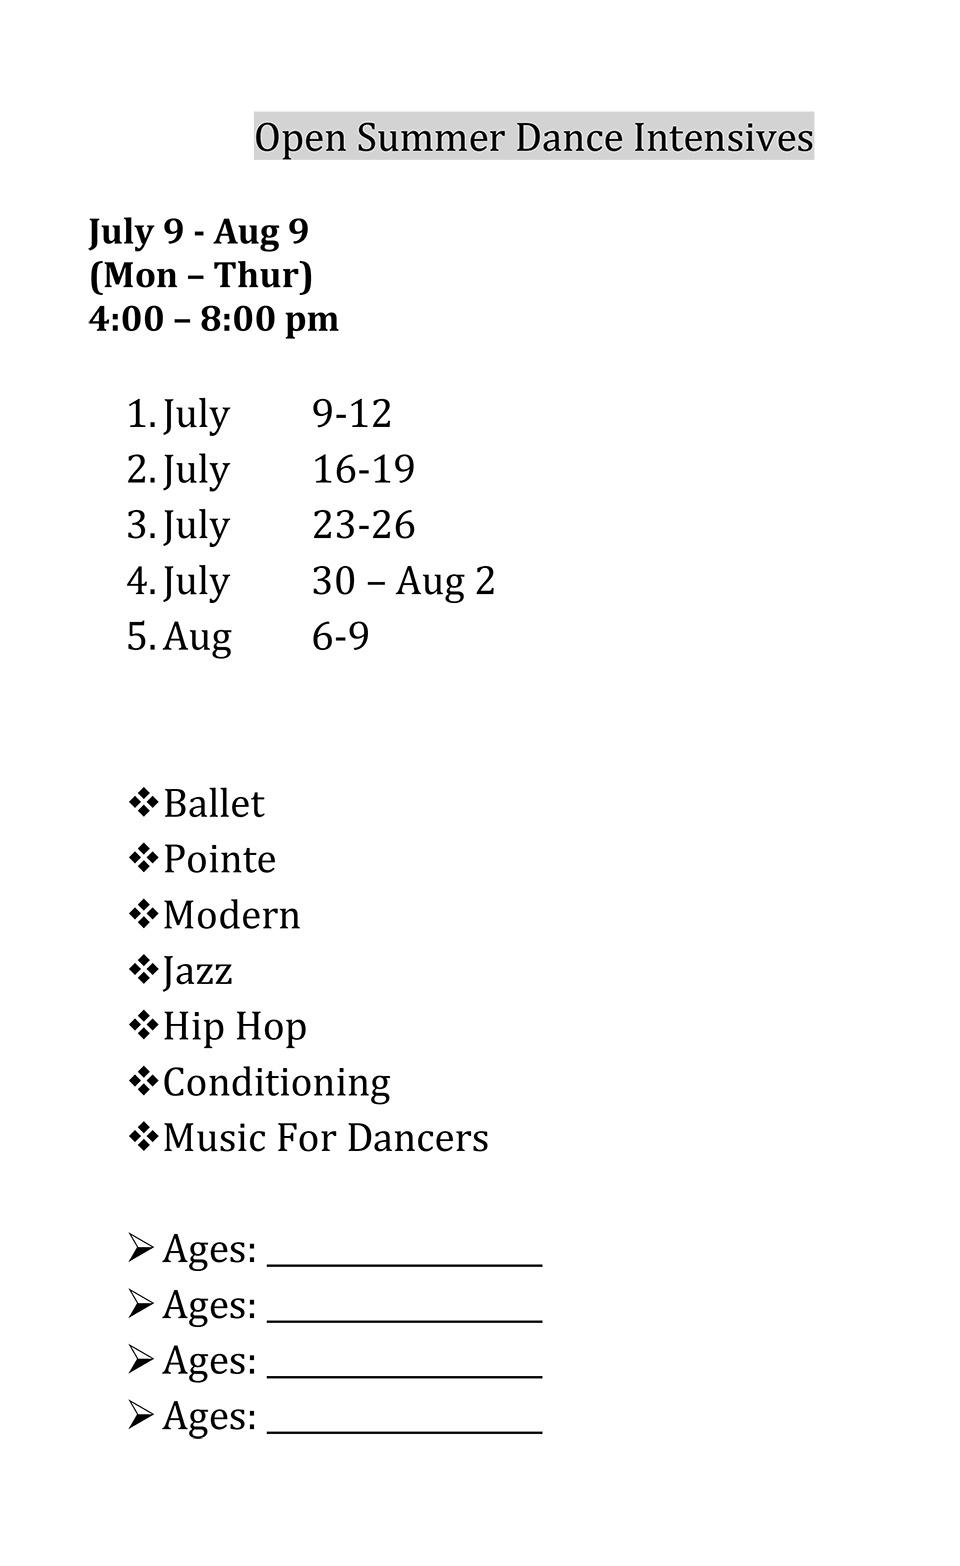 Summer-Dance-Intensives-Dates-2018.jpg